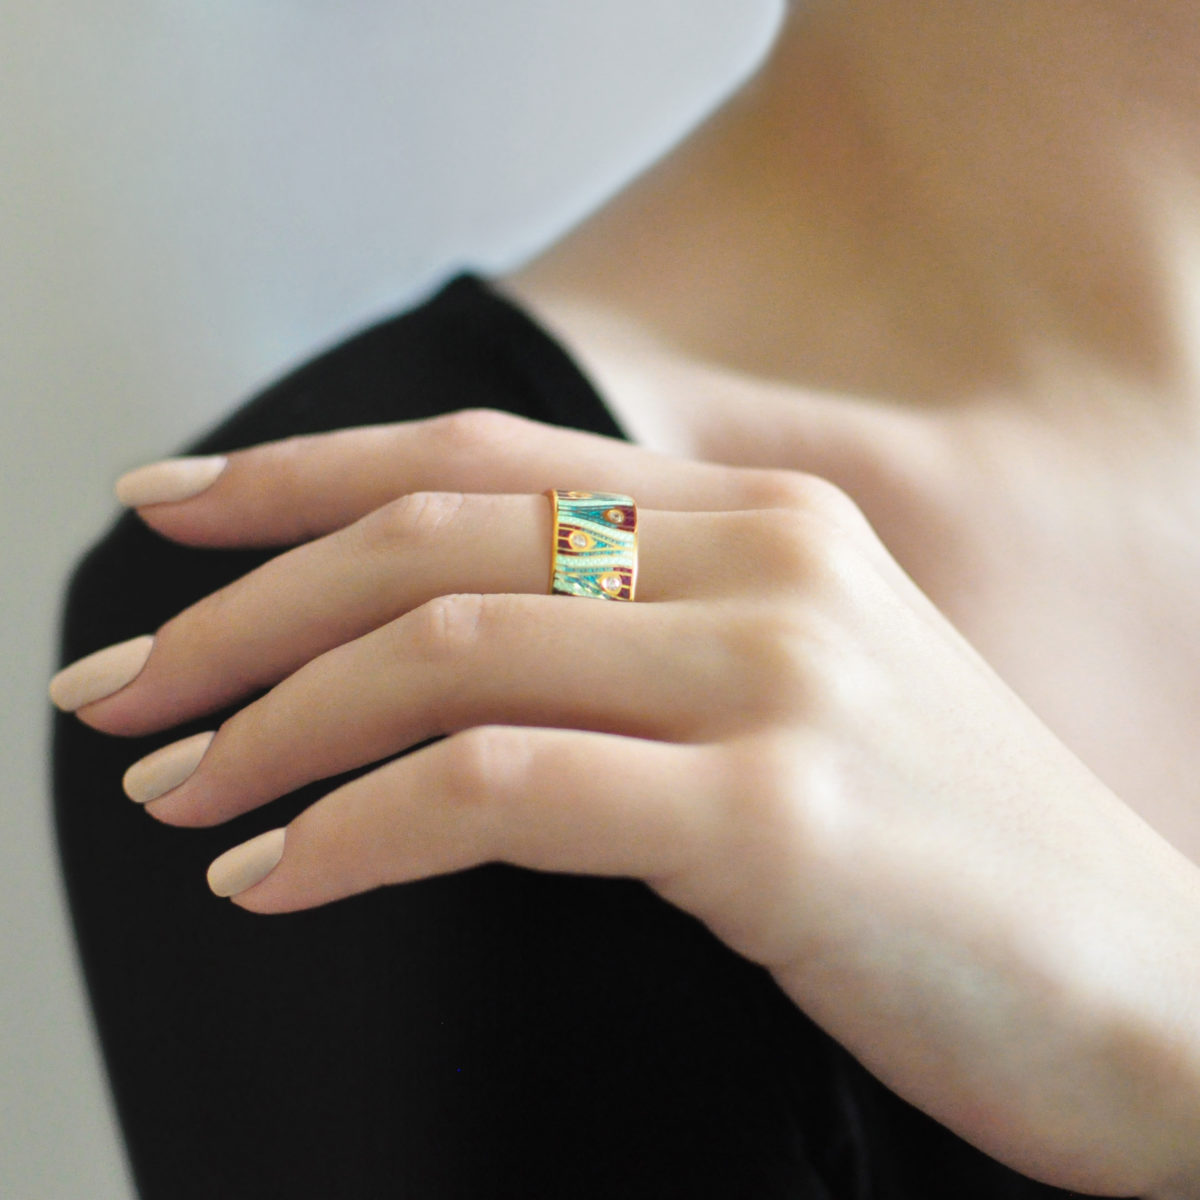 Zolochenie zelenaya 8 1200x1200 - Кольцо «Модерн. Перо павлина» (золочение), зеленое с фианитами